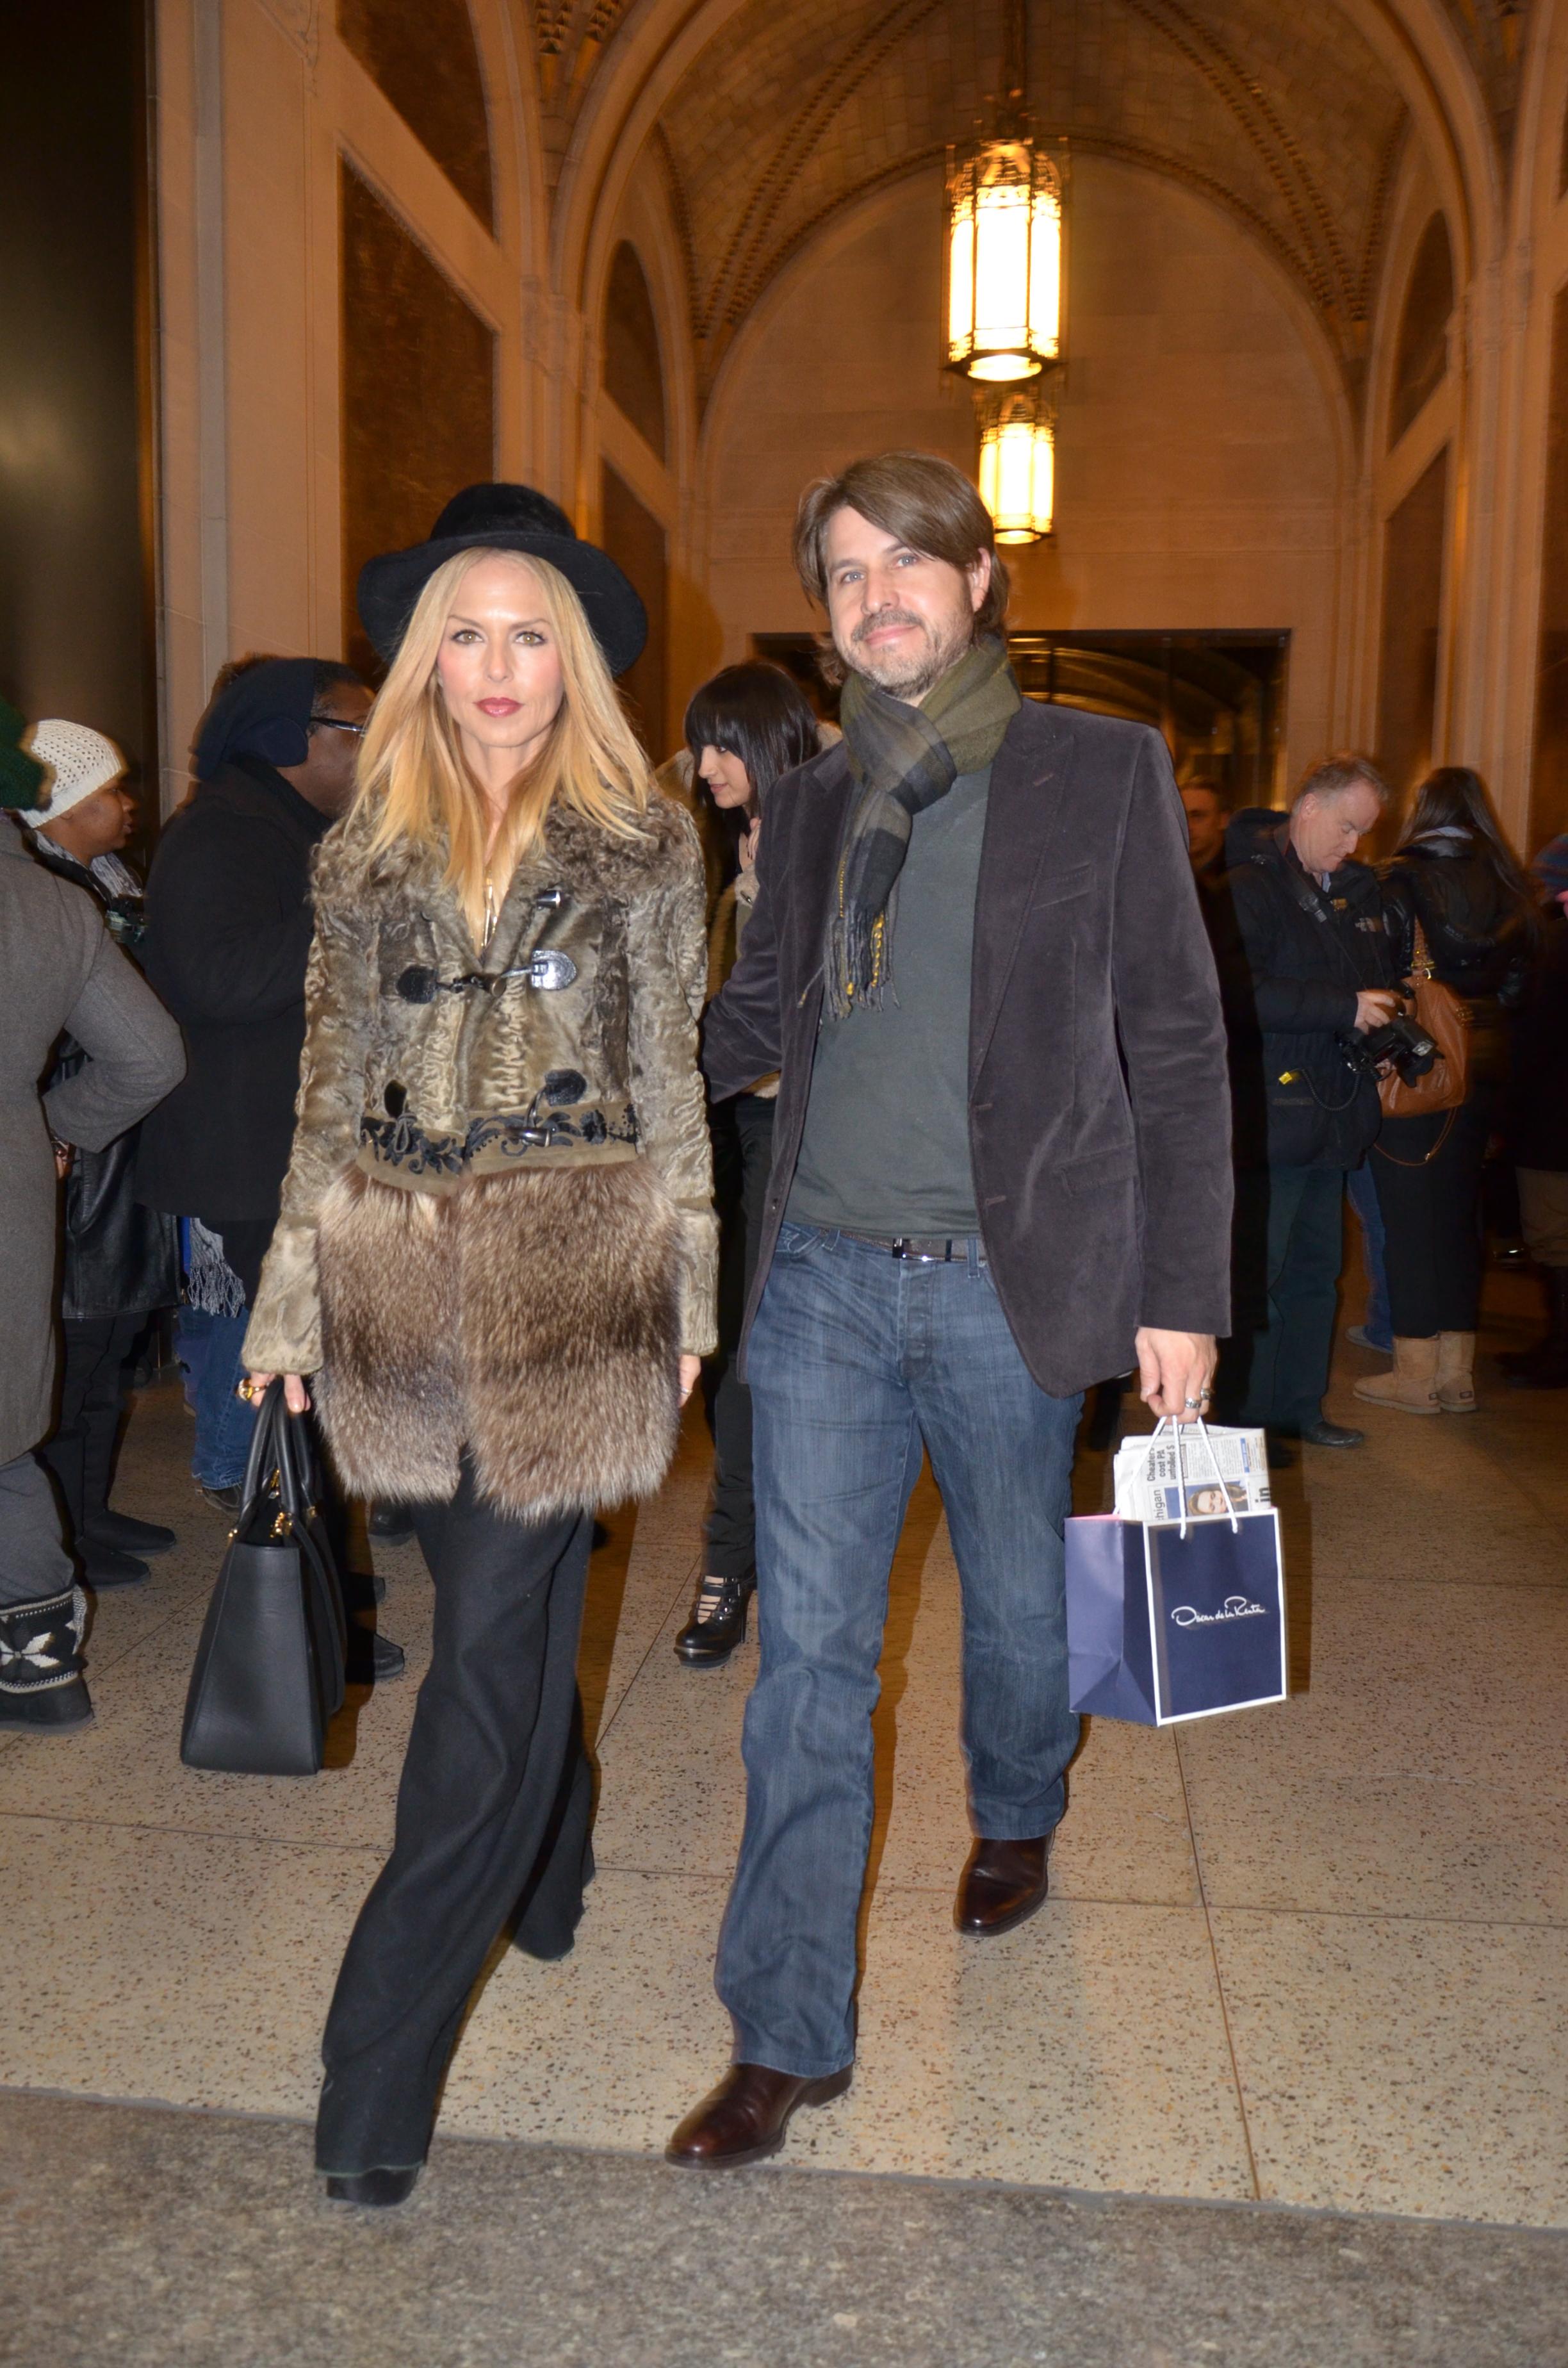 Rachel zoe at oscar de la renta fashion show in new york